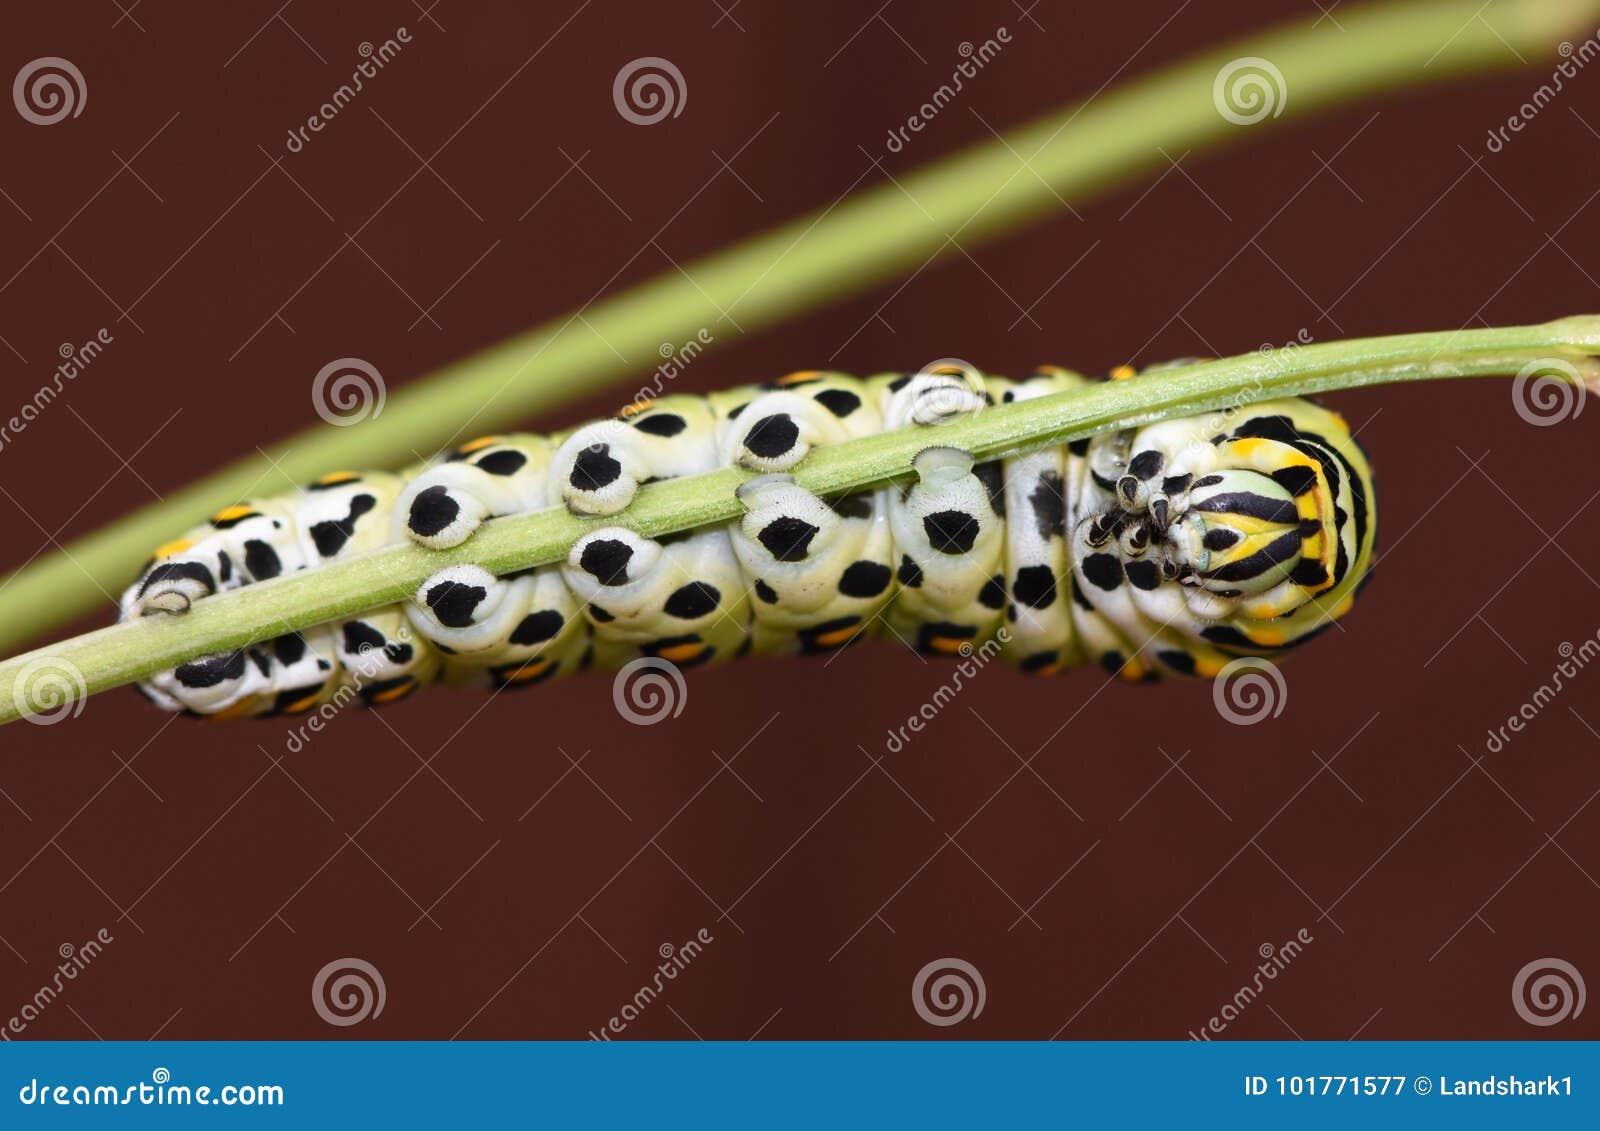 Μαύρο Swallowtail Caterpillar - προνύμφη πεταλούδων, αποκαλούμενη επίσης σκουλήκι μαϊντανού